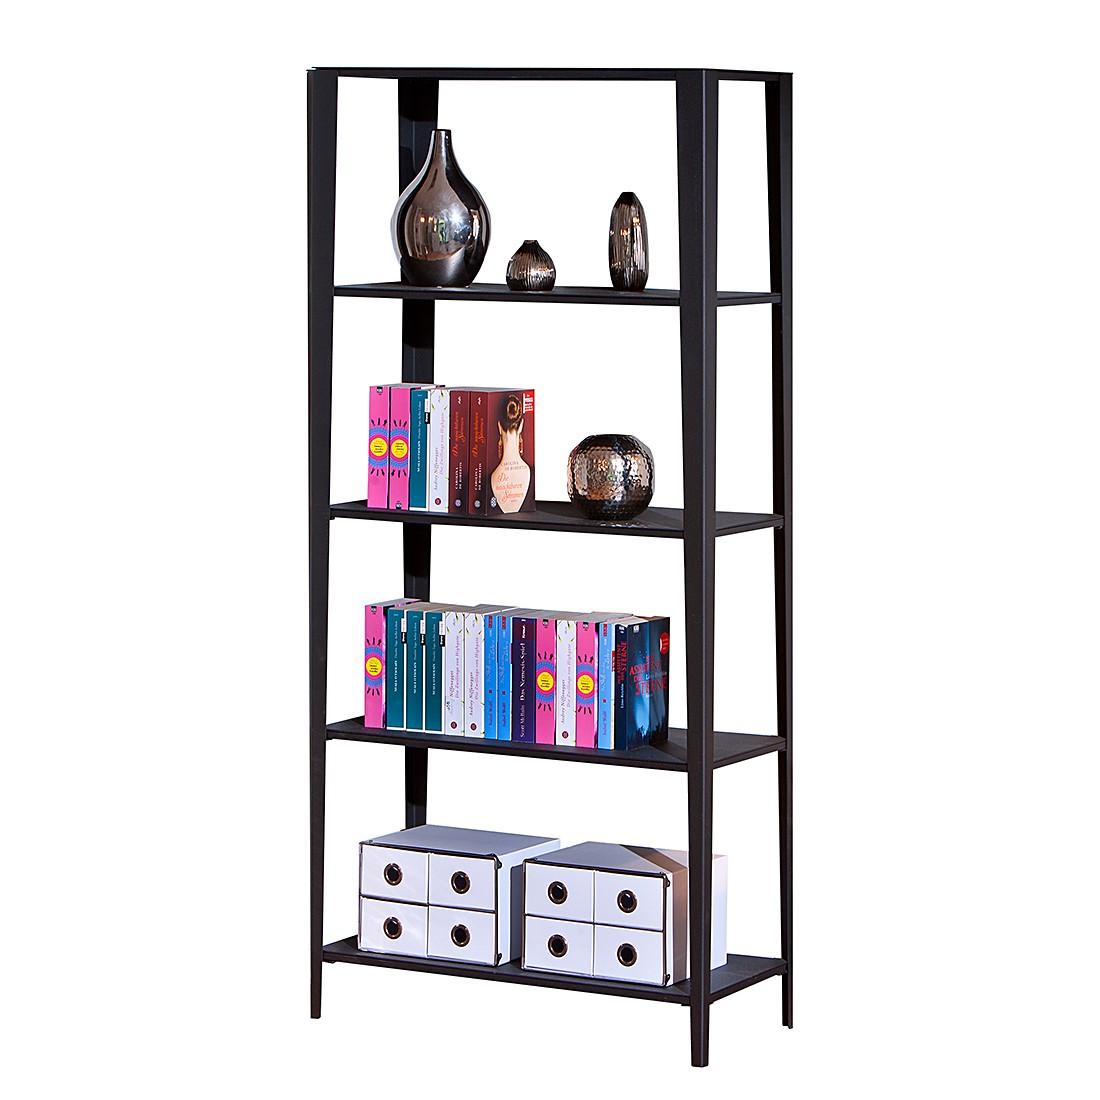 preisvergleich eu regal metall 60 cm breite. Black Bedroom Furniture Sets. Home Design Ideas